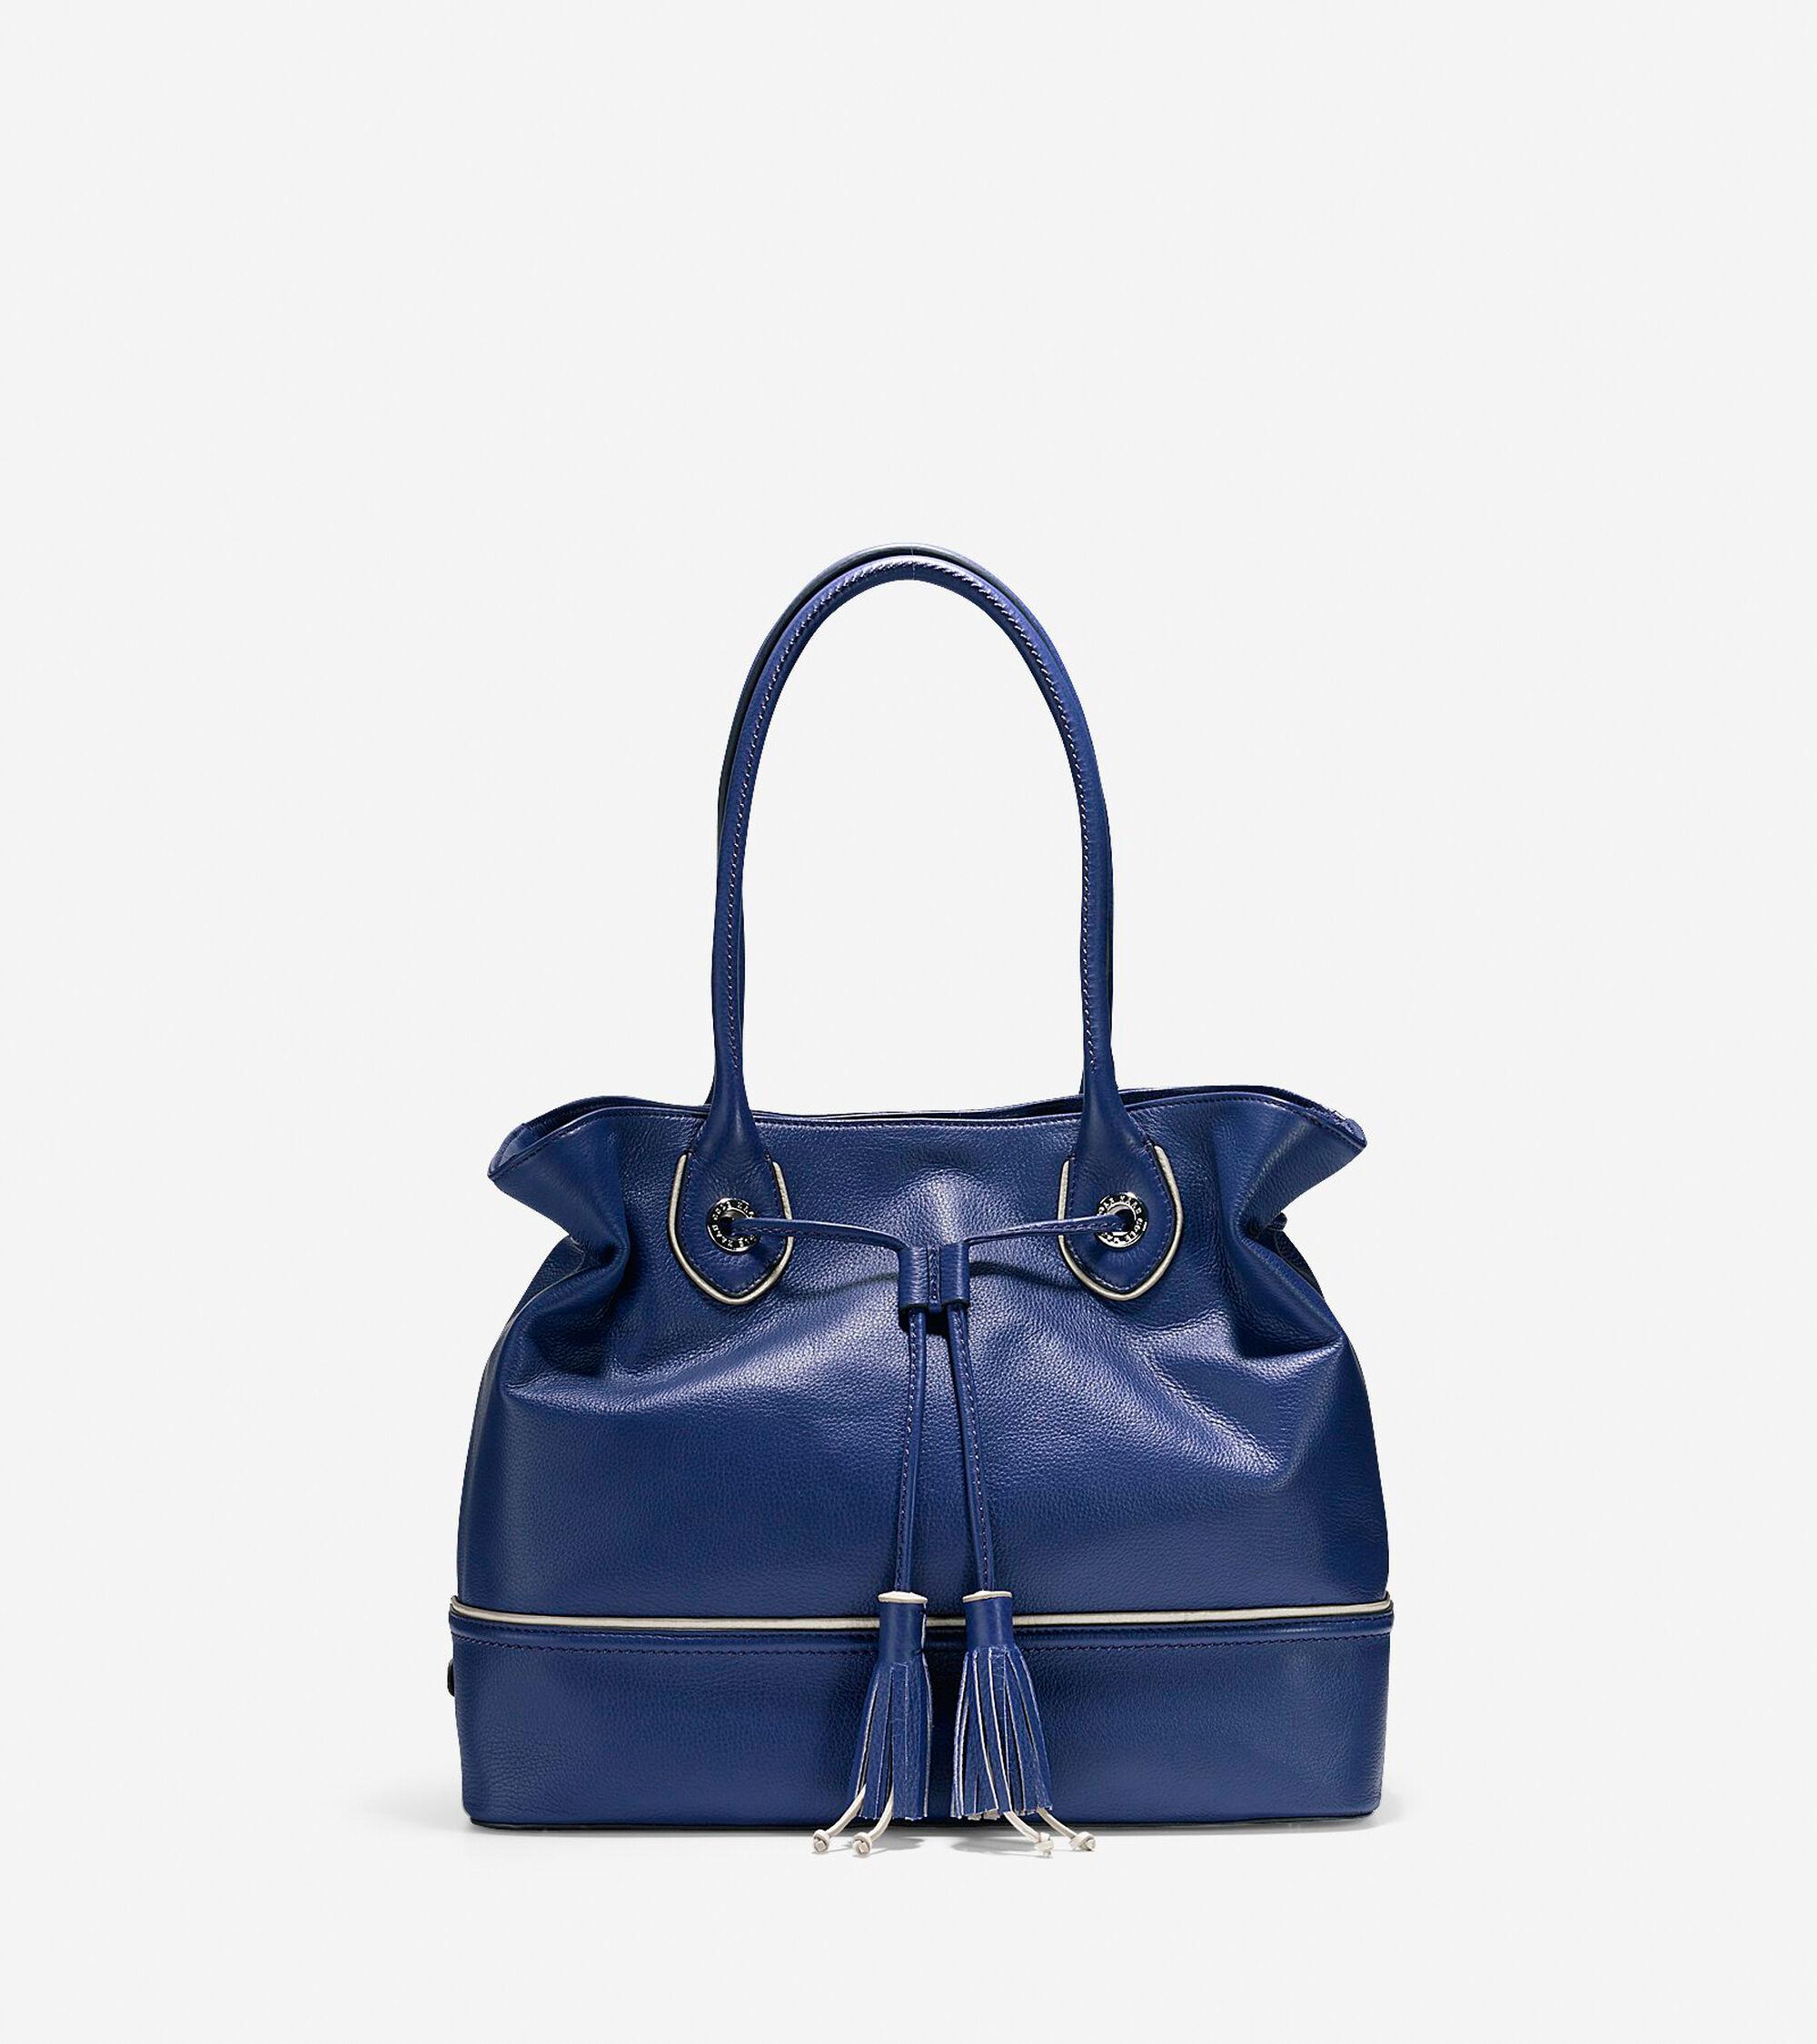 Handbags > Reiley Tassel Tote